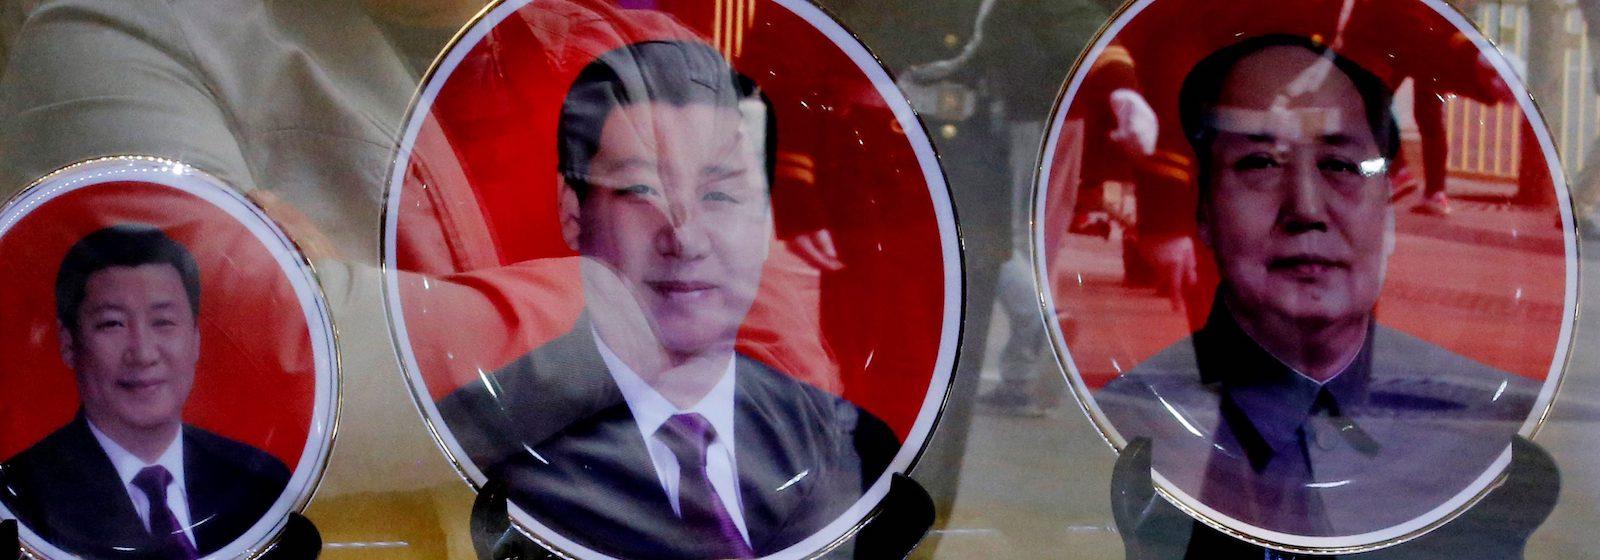 Си Цзиньпин и Мао